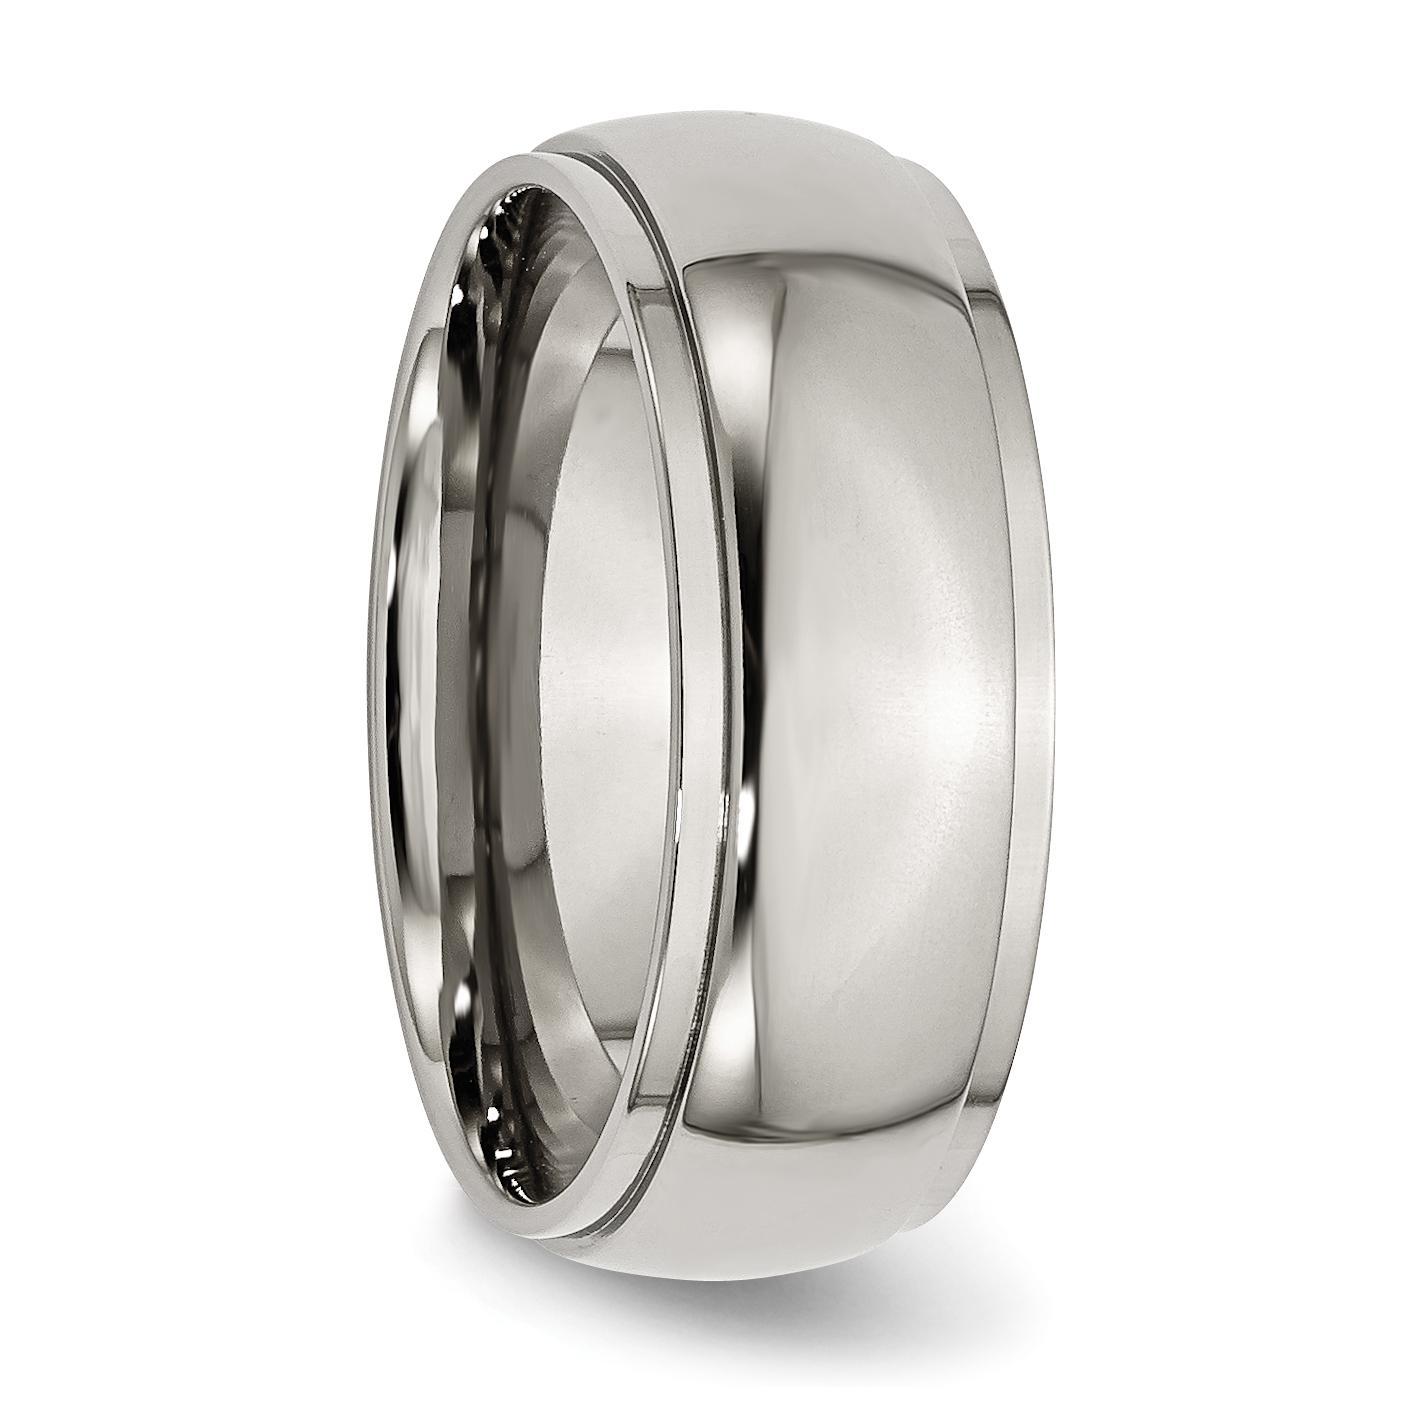 Titanium Ridged Edge 8mm Brushed Wedding Ring Band Size 7.50 Classic Flat Bridal & Wedding Party Jewelry Engagement & Wedding